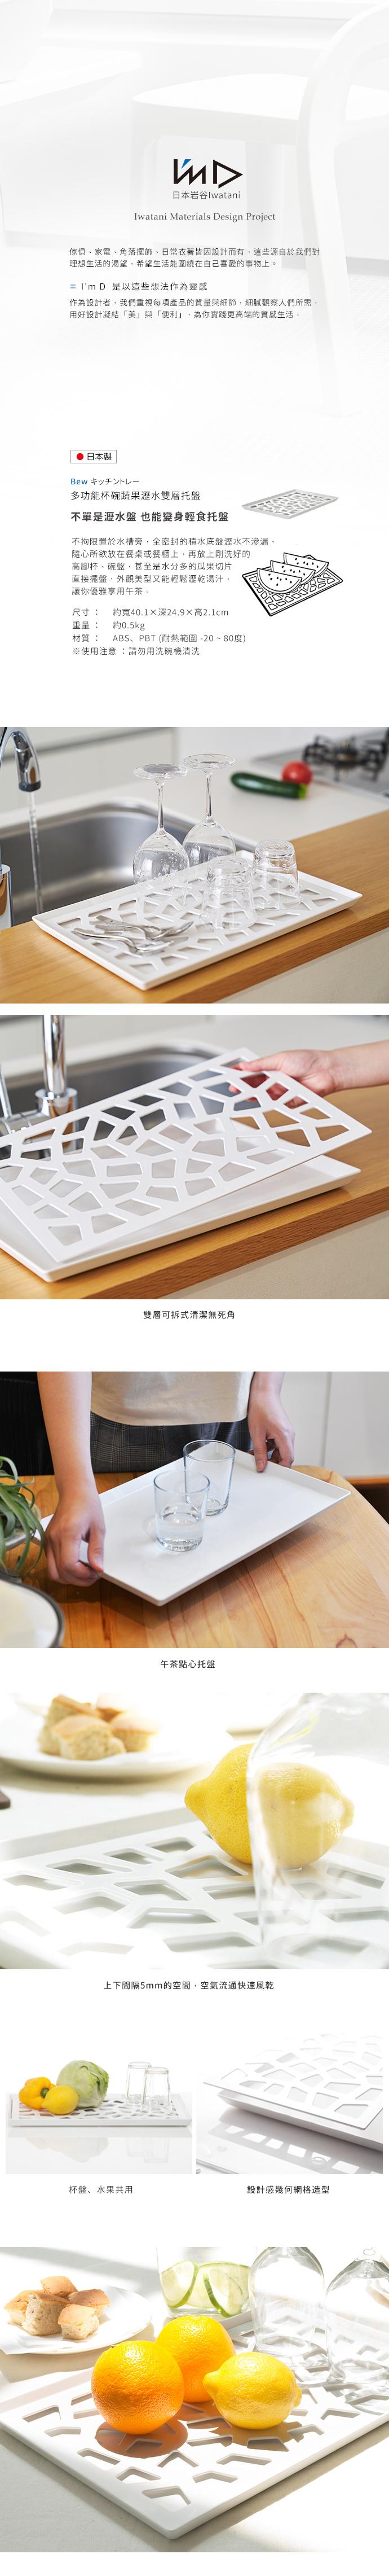 【日本岩谷Iwatani】Bew多功能杯碗蔬果瀝水雙層托盤